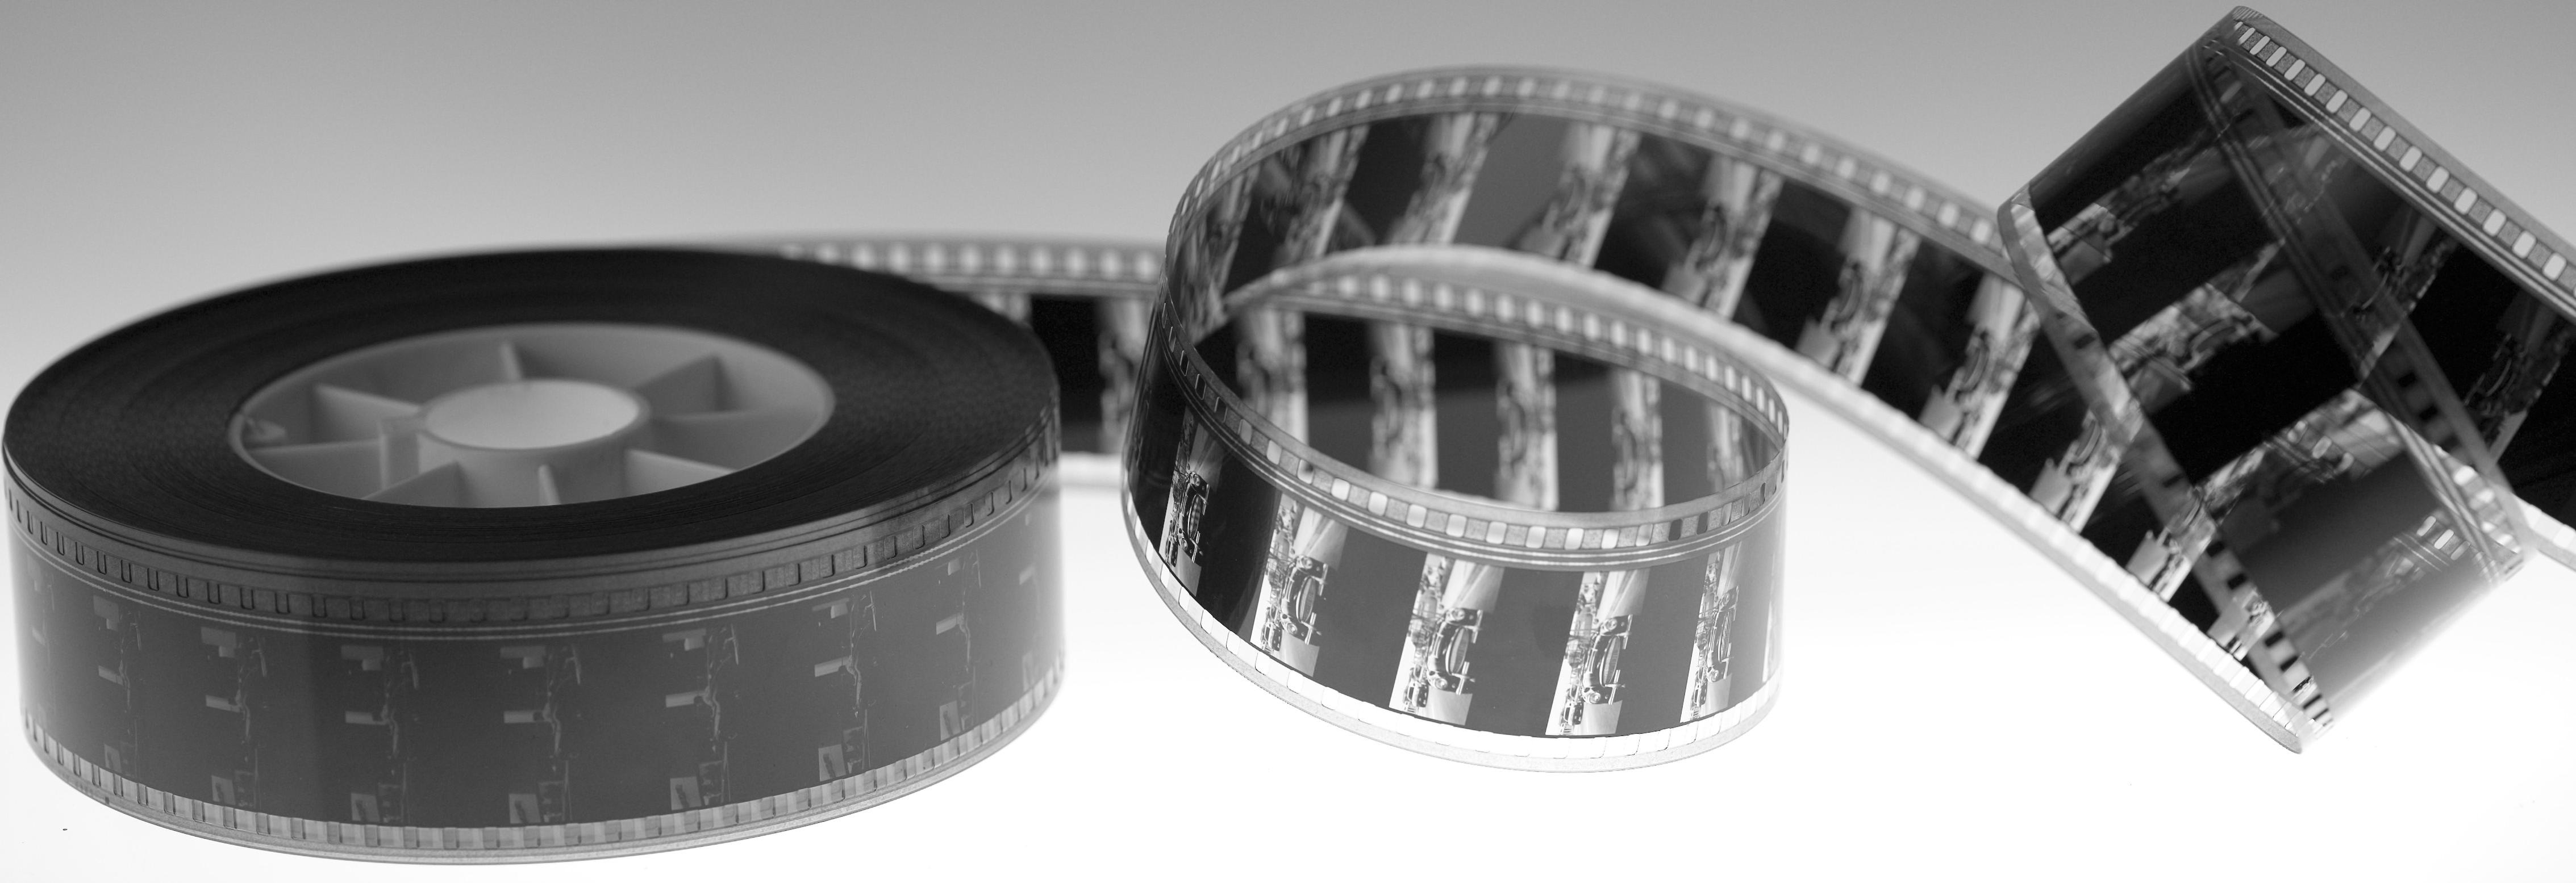 film_reel_header_movies